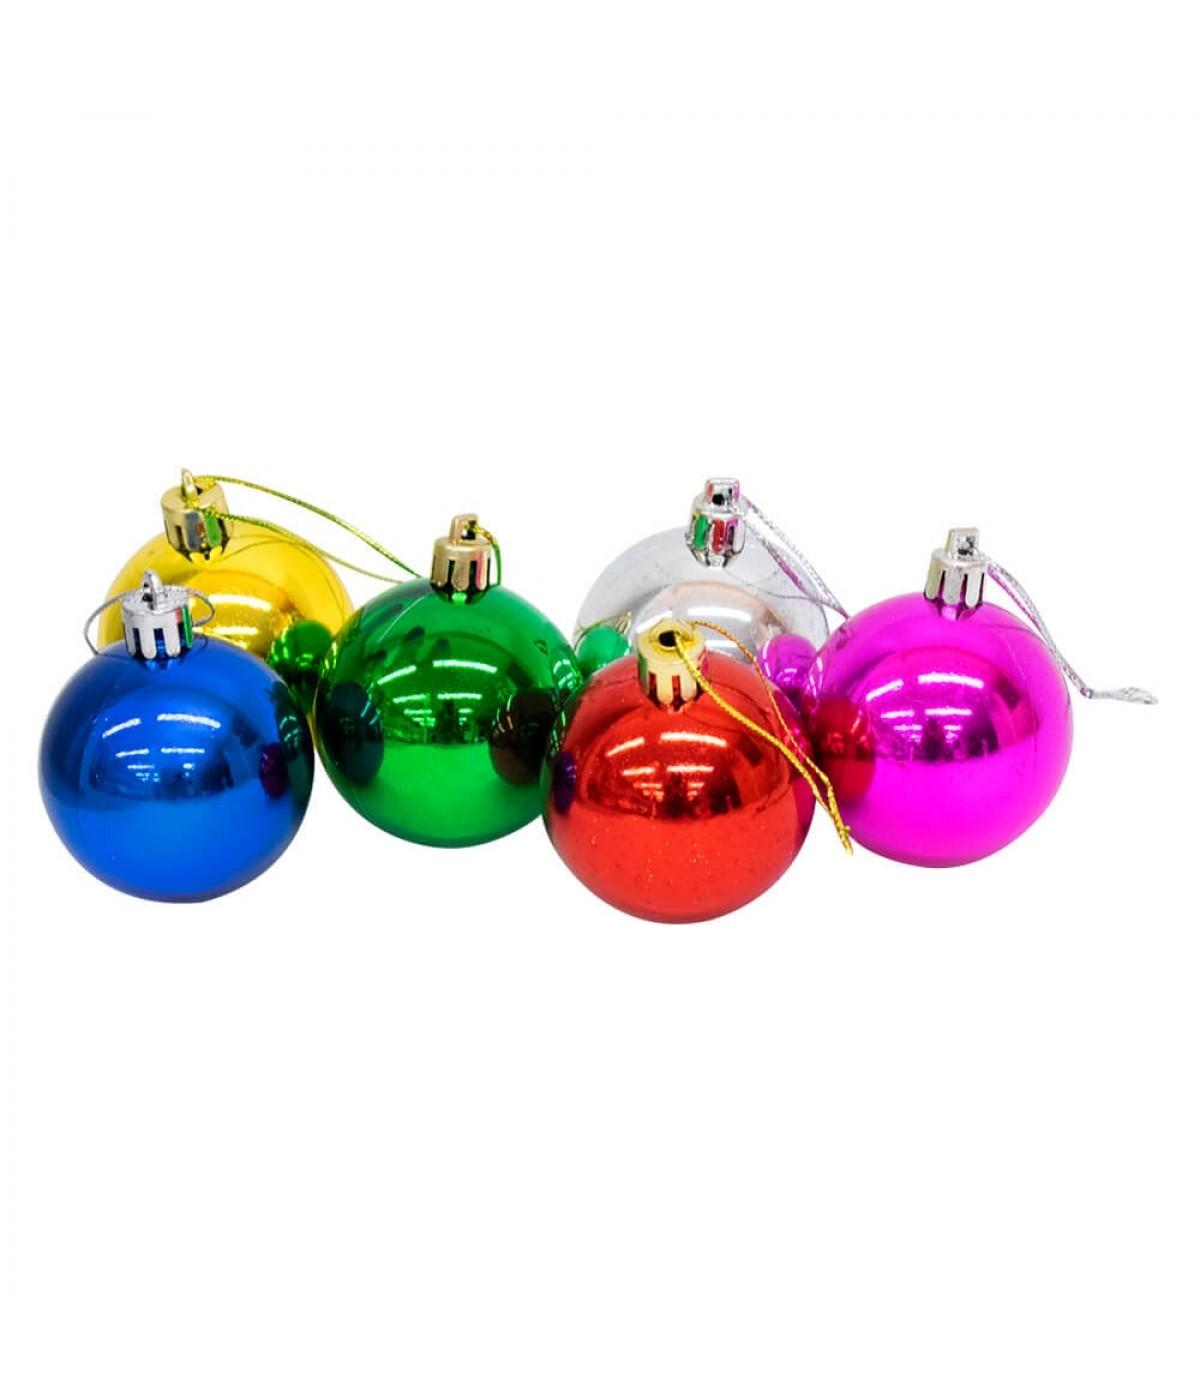 Jogo Com 12 Bolas Natalinas Coloridas 5cm - Enfeite Natalino